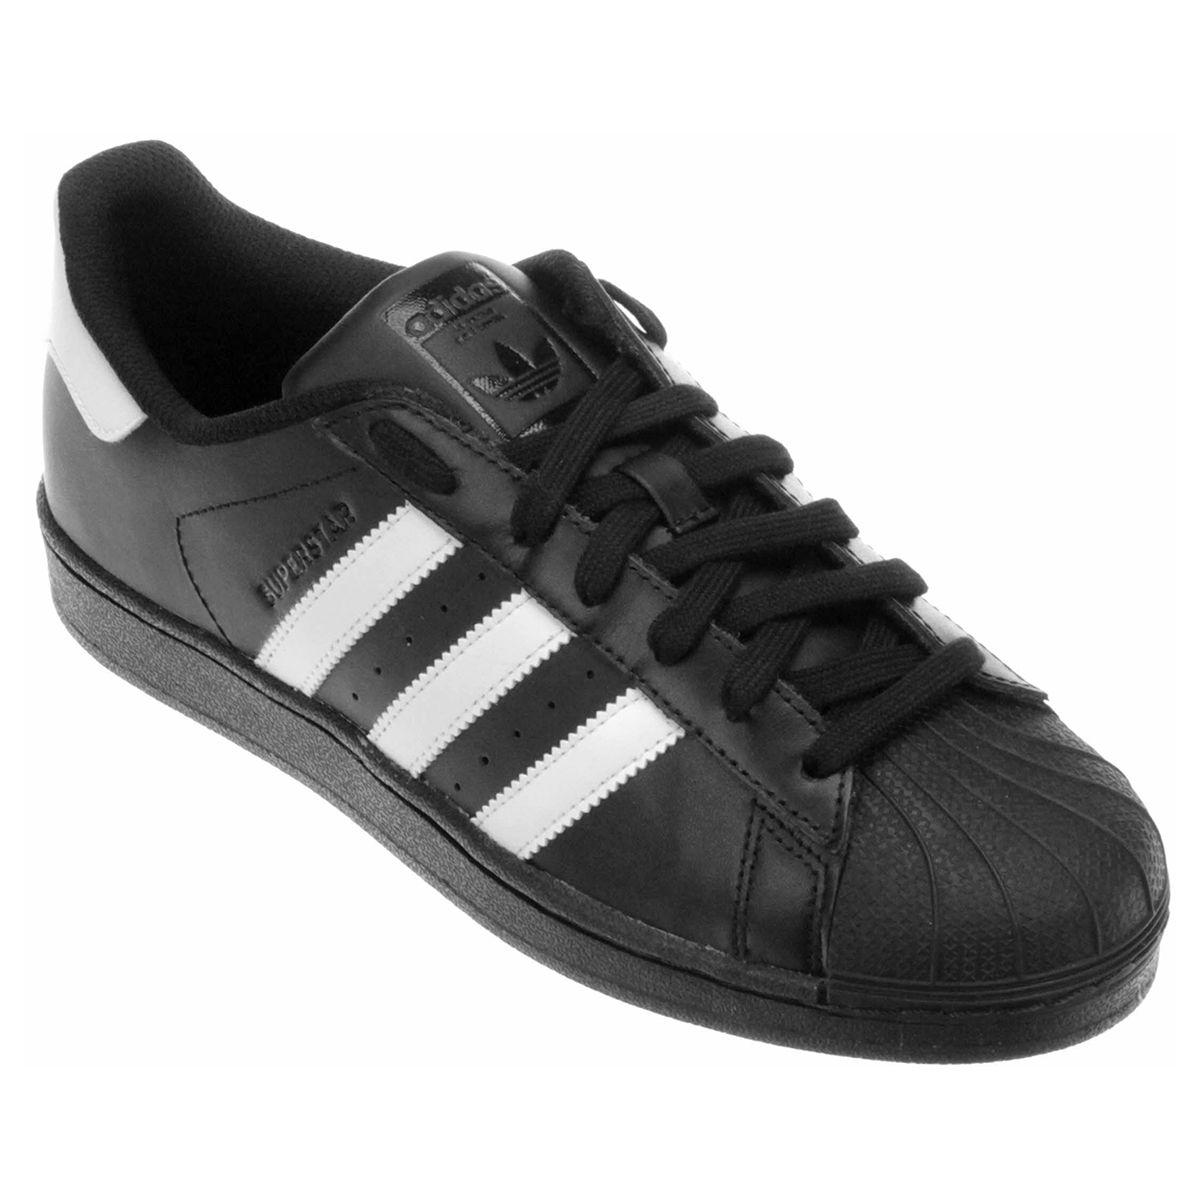 148e2c295 O estilo casual ganha mais autenticidade com o Tênis Adidas Superstar  Foundation Preto e Branco.